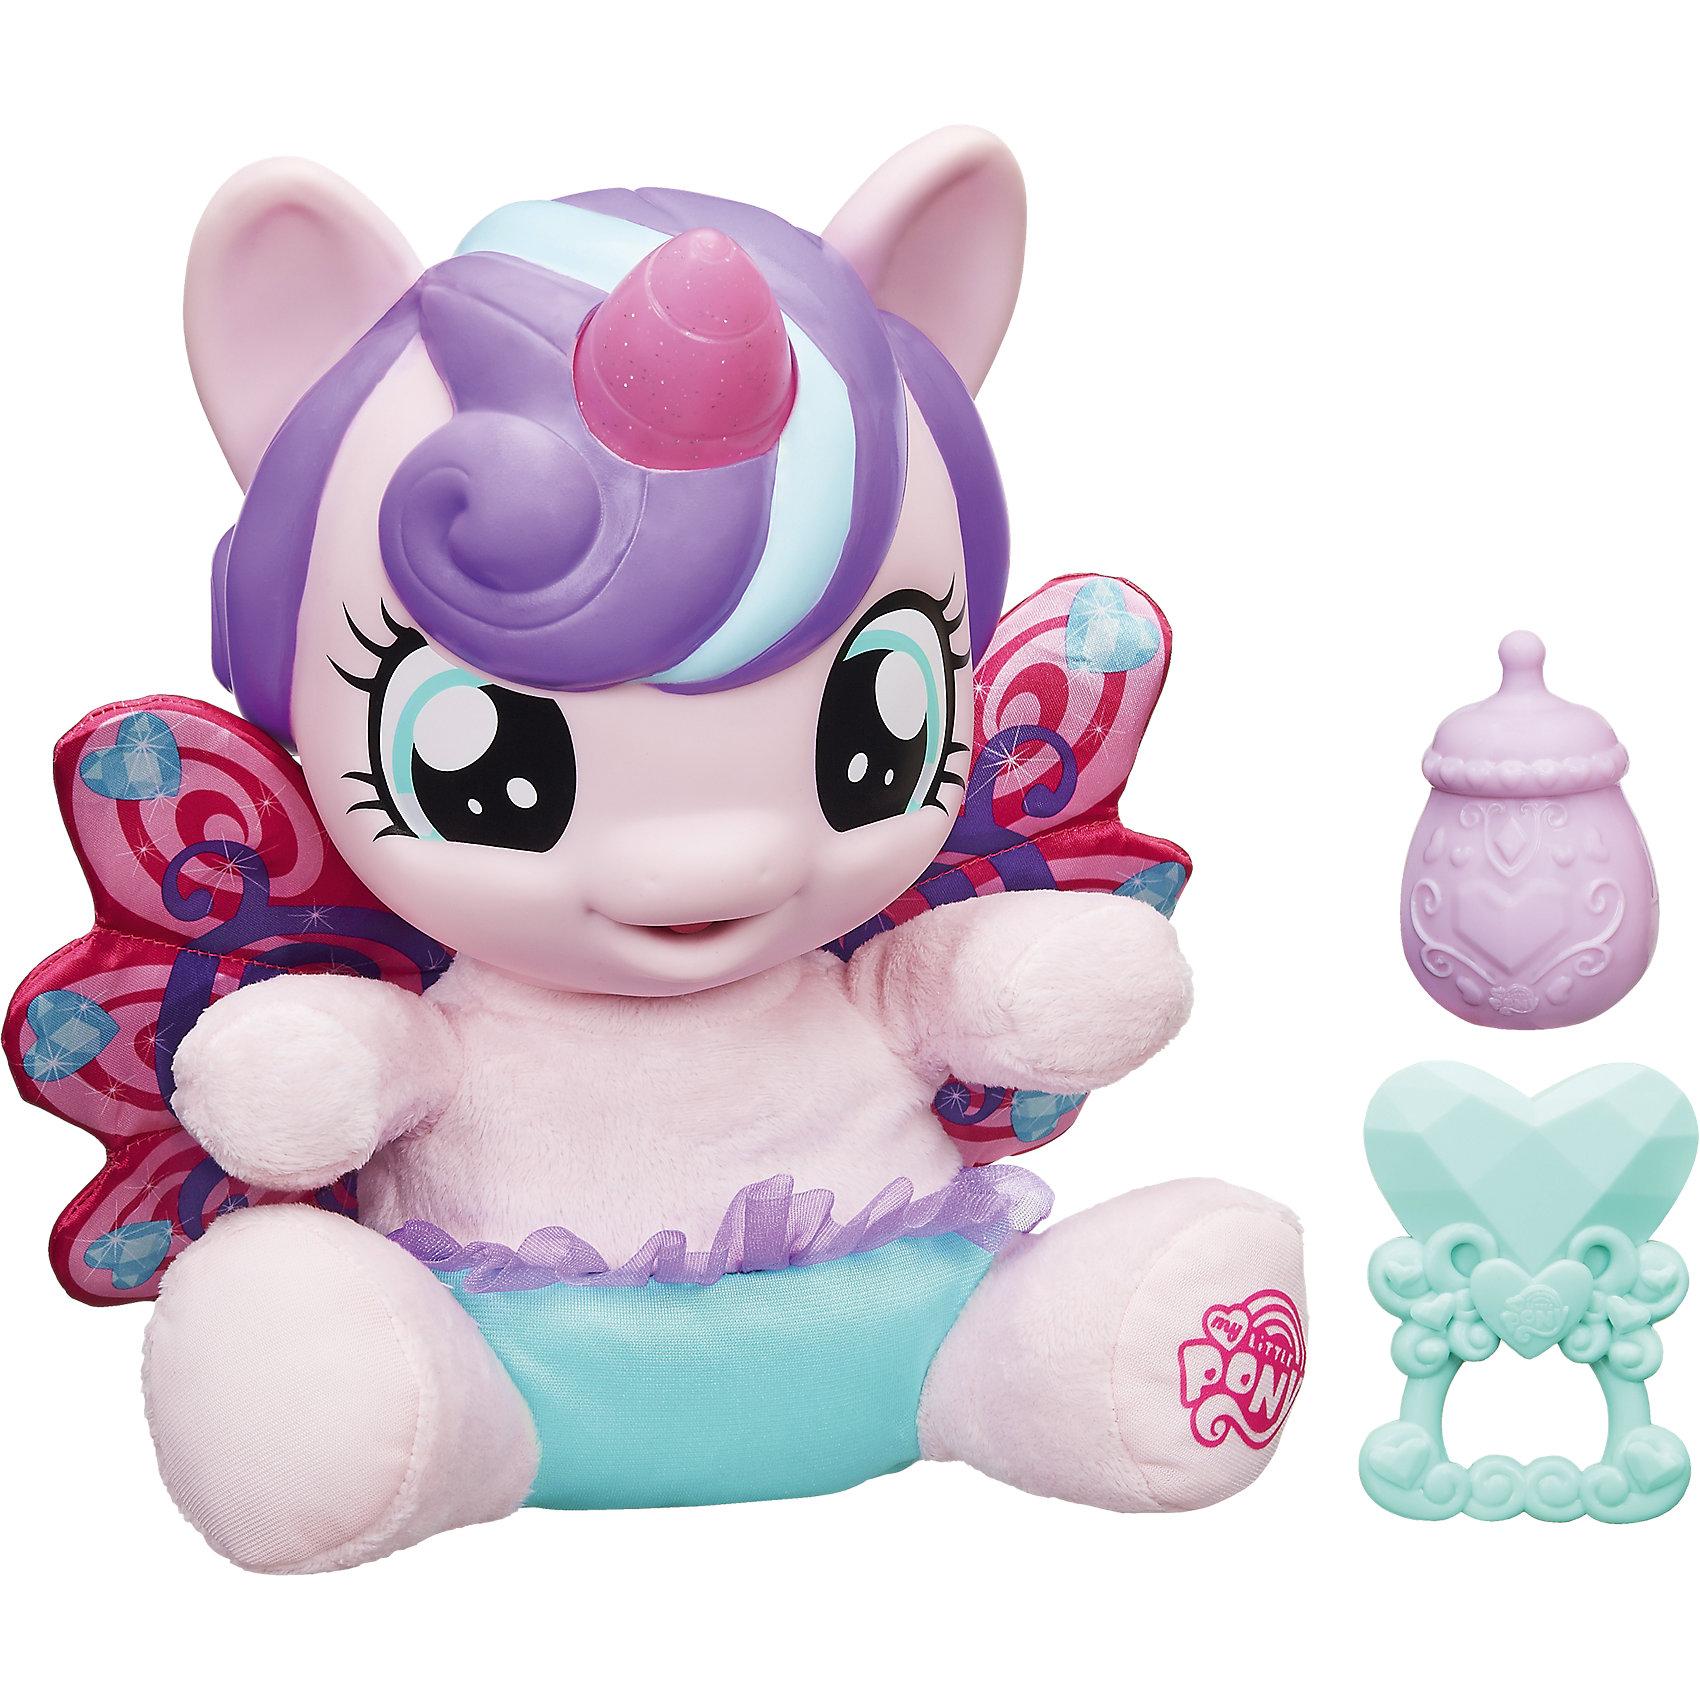 Малышка Пони-принцесса, My Little PonyИгрушки<br>В мире Эквестрии произошло грандиозное событие - у принцессы Каденс родилась дочка! У плюшевой малышки Пони-принцессы красивые мягкие крылья, а ее рог светится разными цветами! Три сенсорные зоны - спинка, живот и ножки. Отсканируйте специальный код своим мобильным устройством, и откройте новые функции в игровом мобильном приложении My Little Pony.<br><br>Ширина мм: 337<br>Глубина мм: 328<br>Высота мм: 151<br>Вес г: 968<br>Возраст от месяцев: 36<br>Возраст до месяцев: 72<br>Пол: Женский<br>Возраст: Детский<br>SKU: 4767291